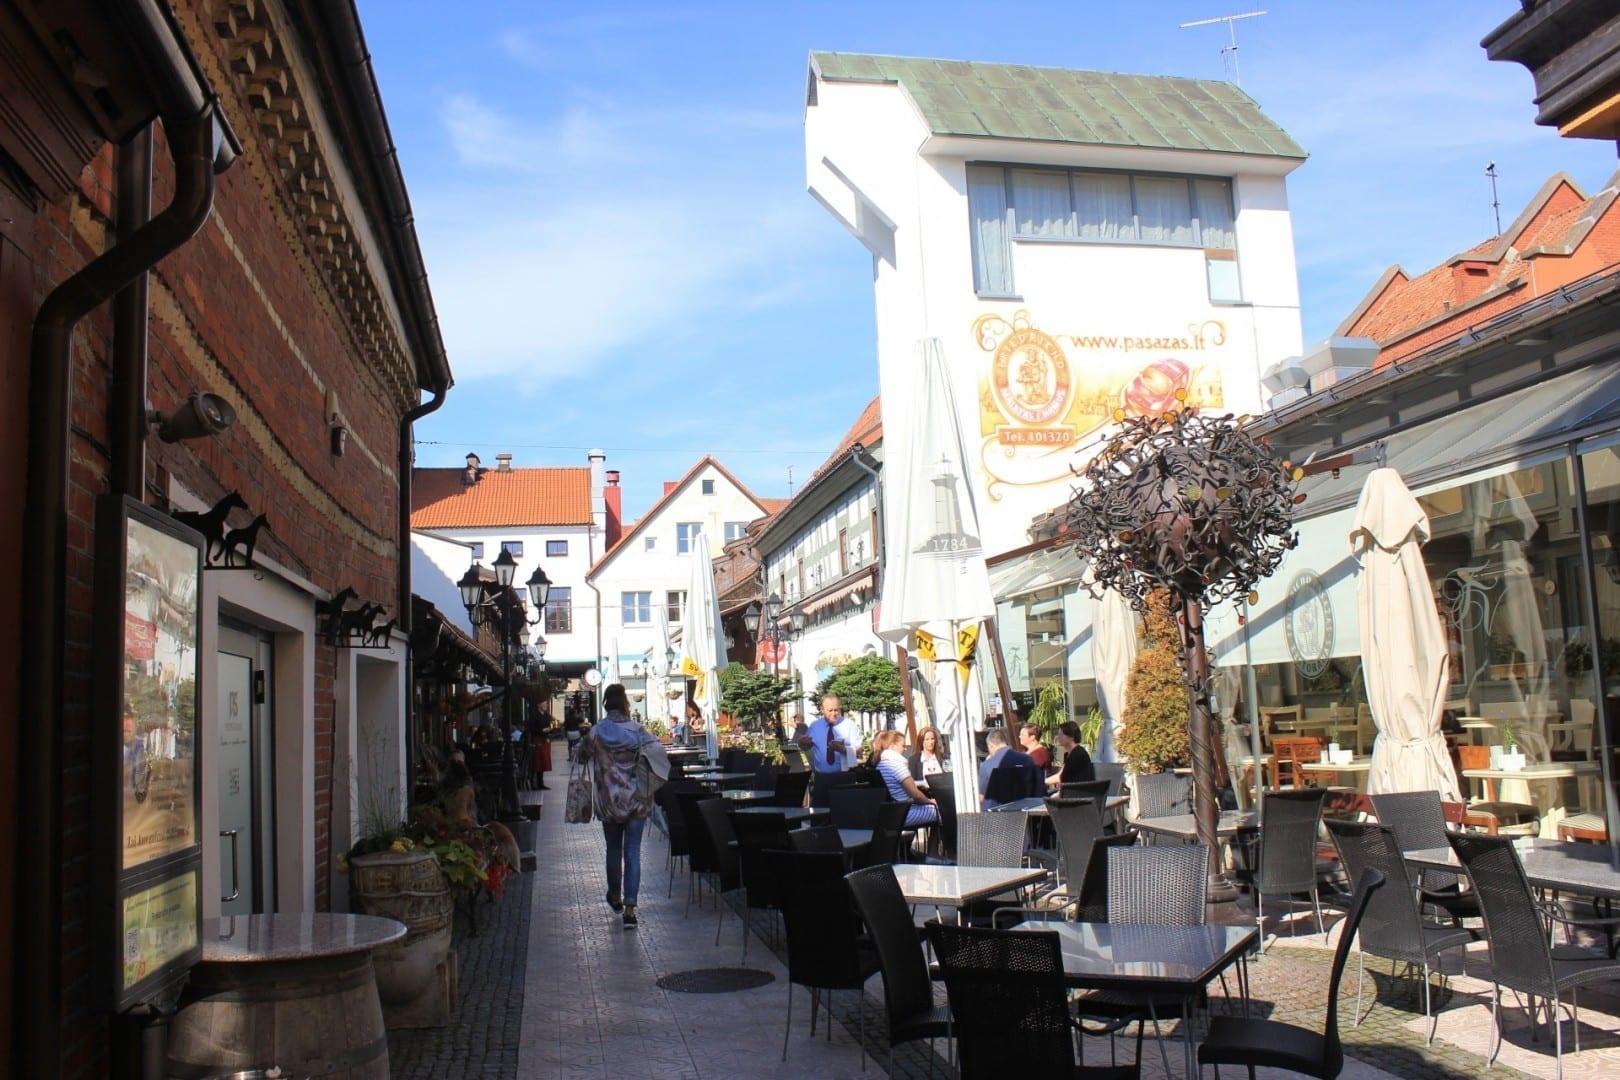 Asientos al aire libre en la calle del restaurante Pasaż Fryderyka Klaipėda Lituania